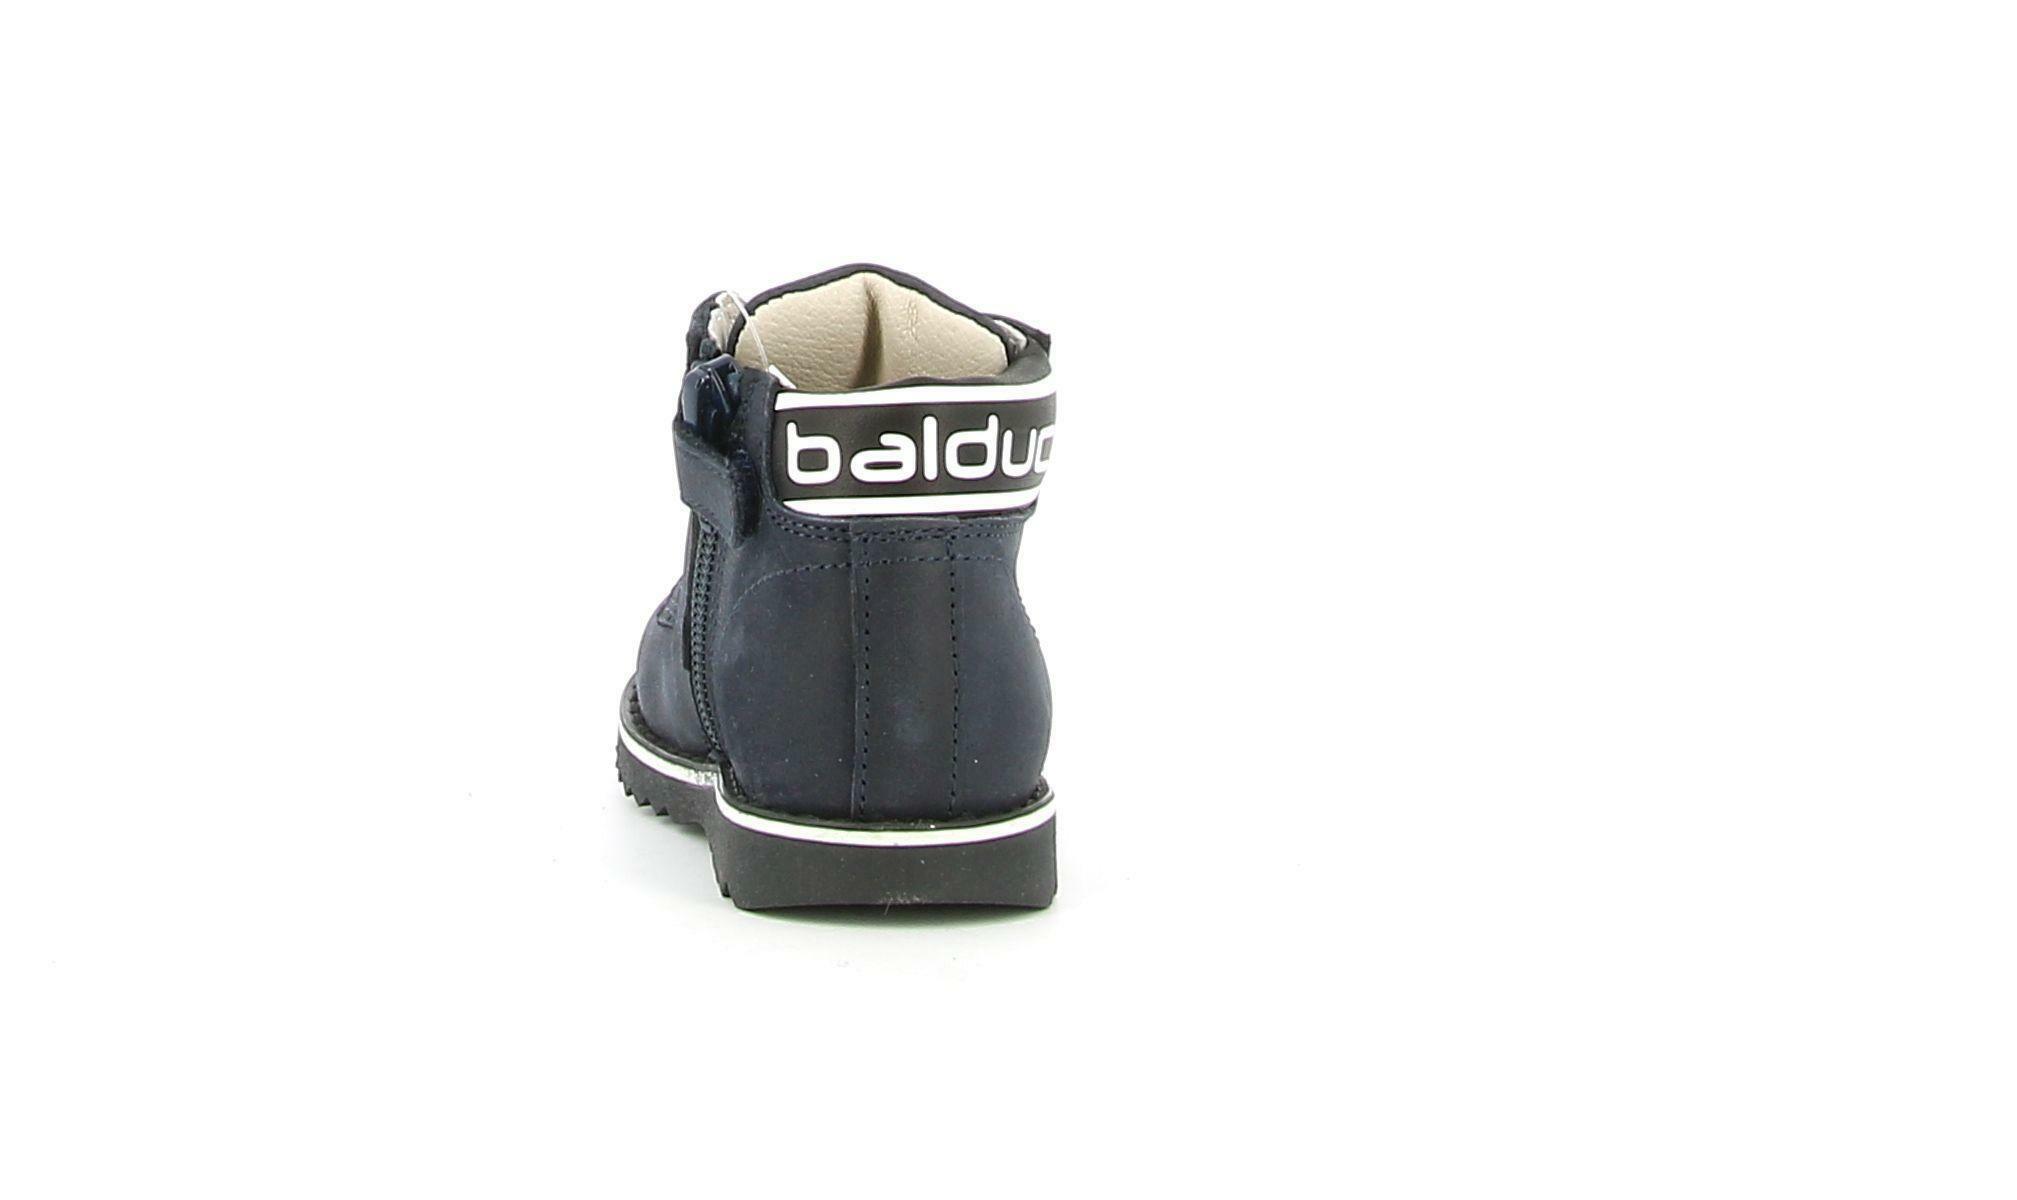 balducci balducci matr2003 blu scarponcino bimbo